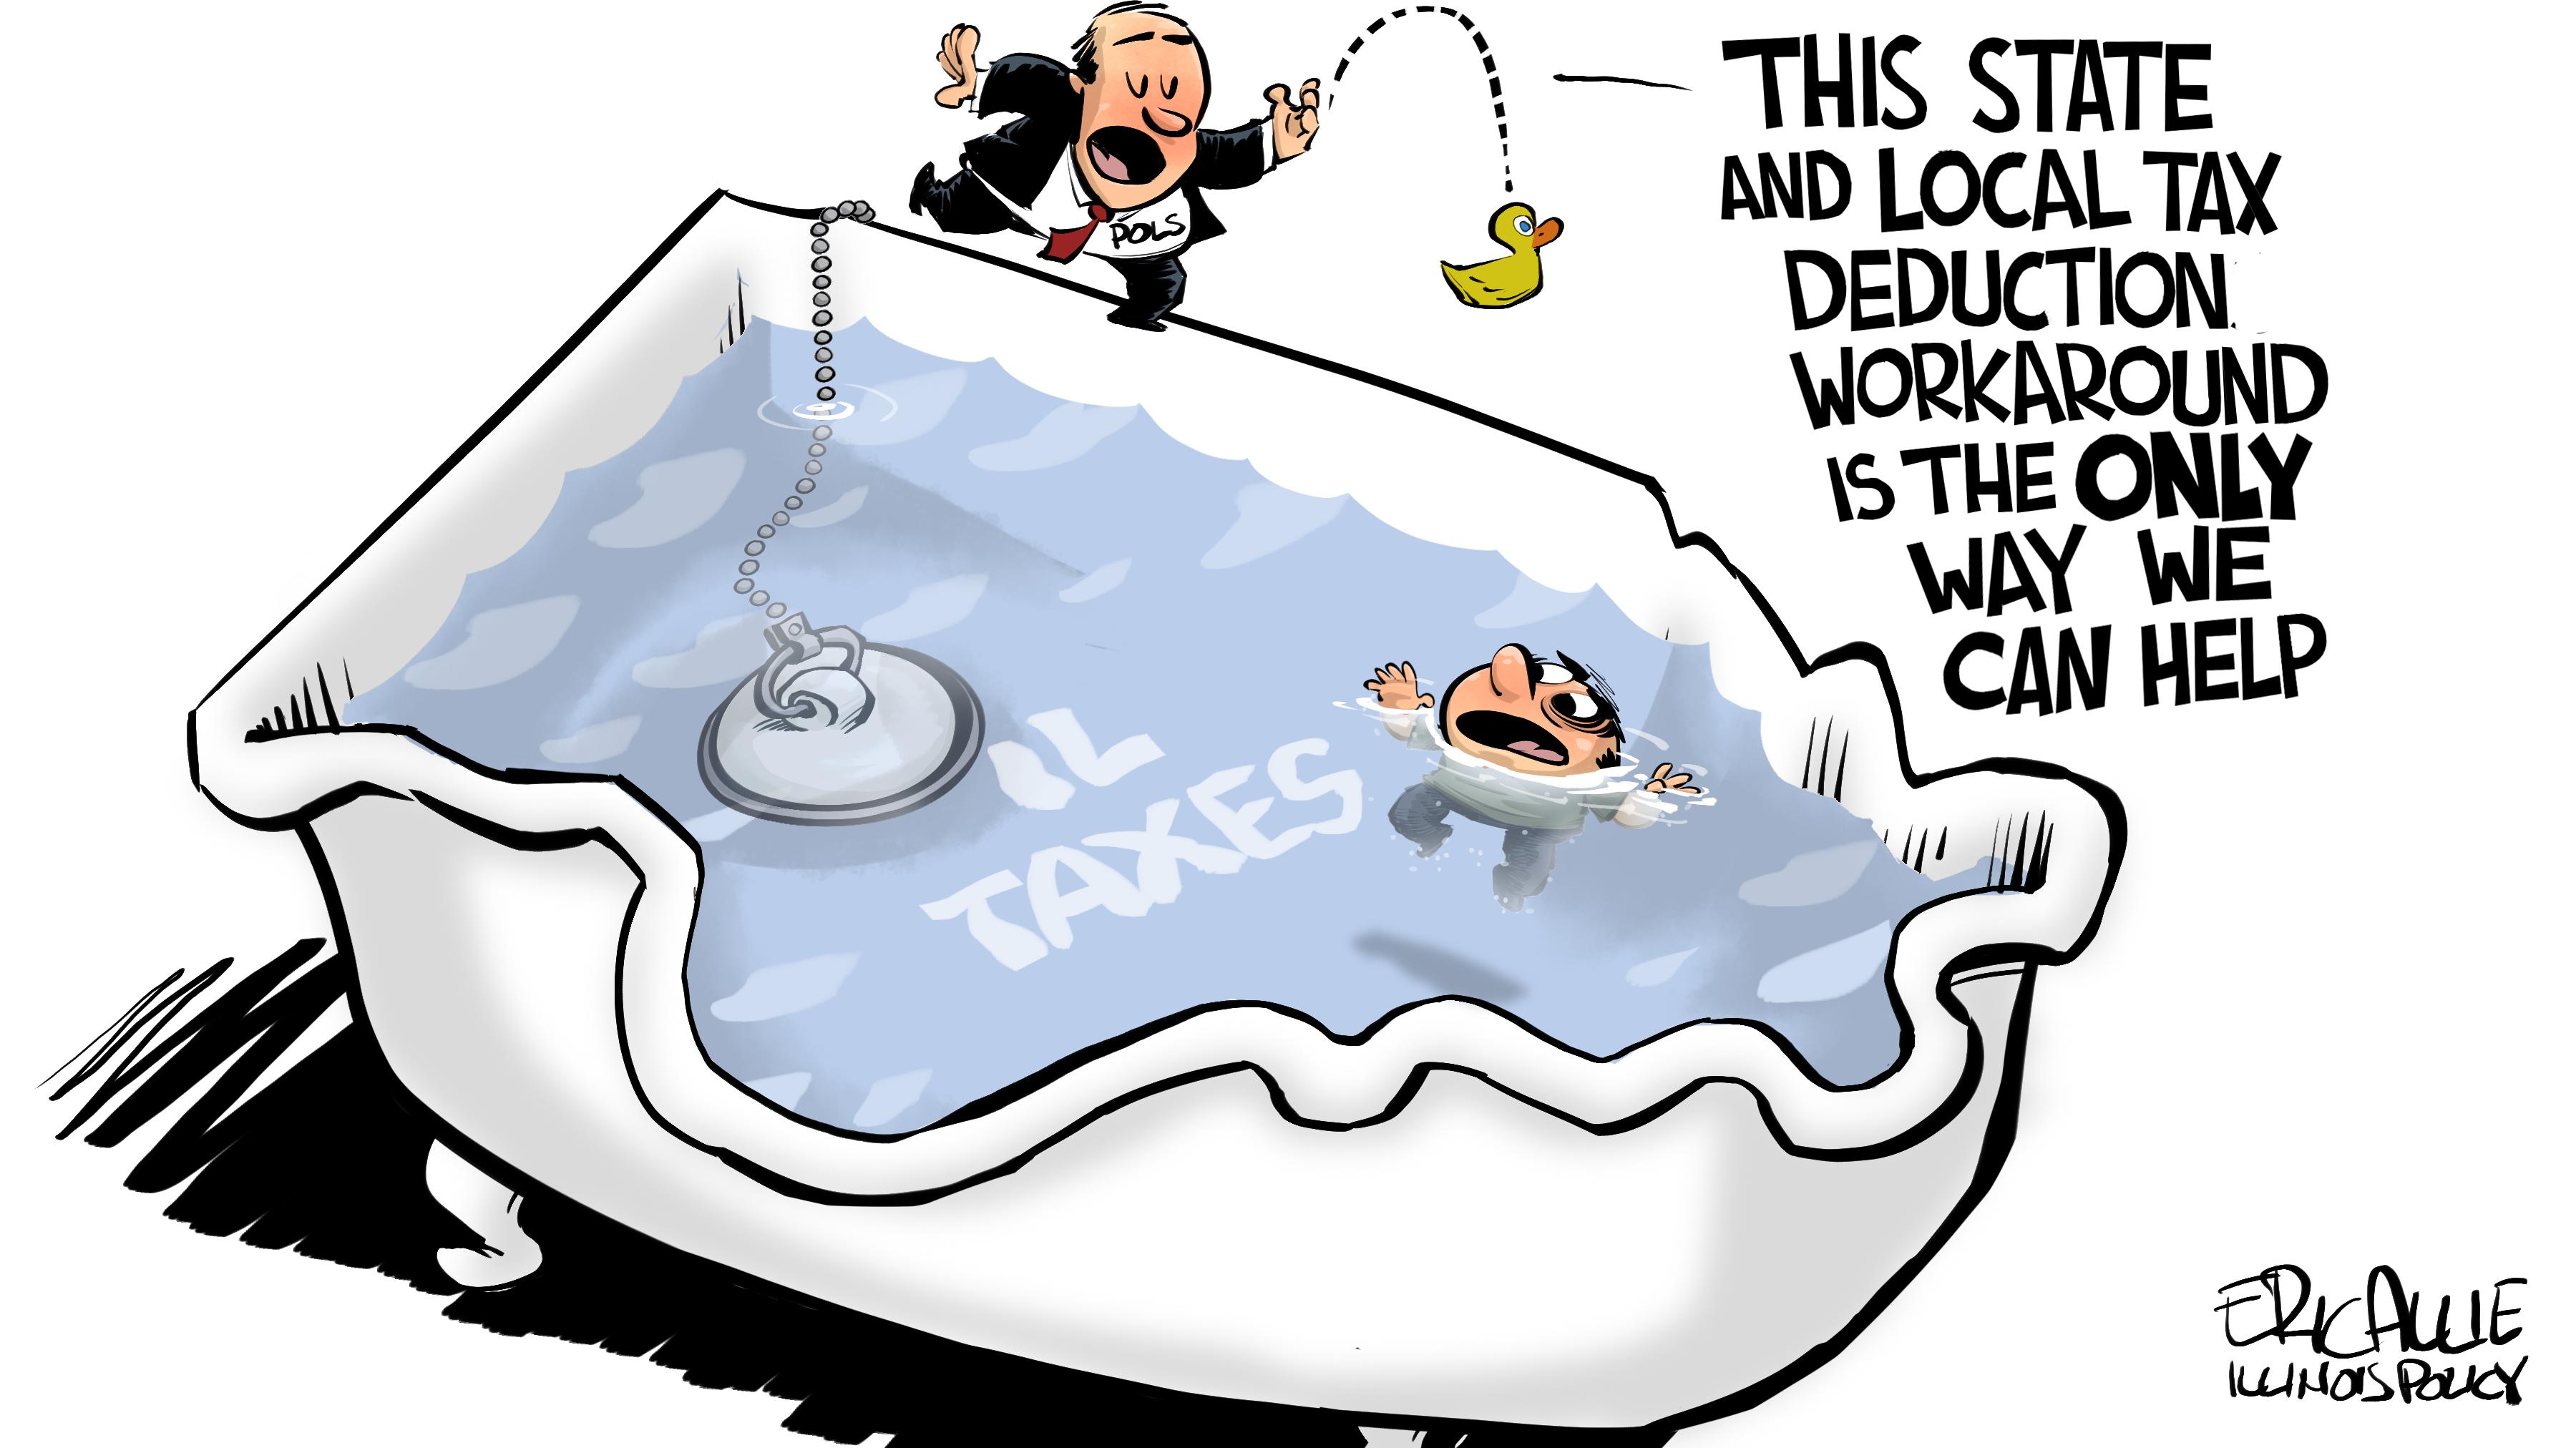 Illinois SALT taxes workaround